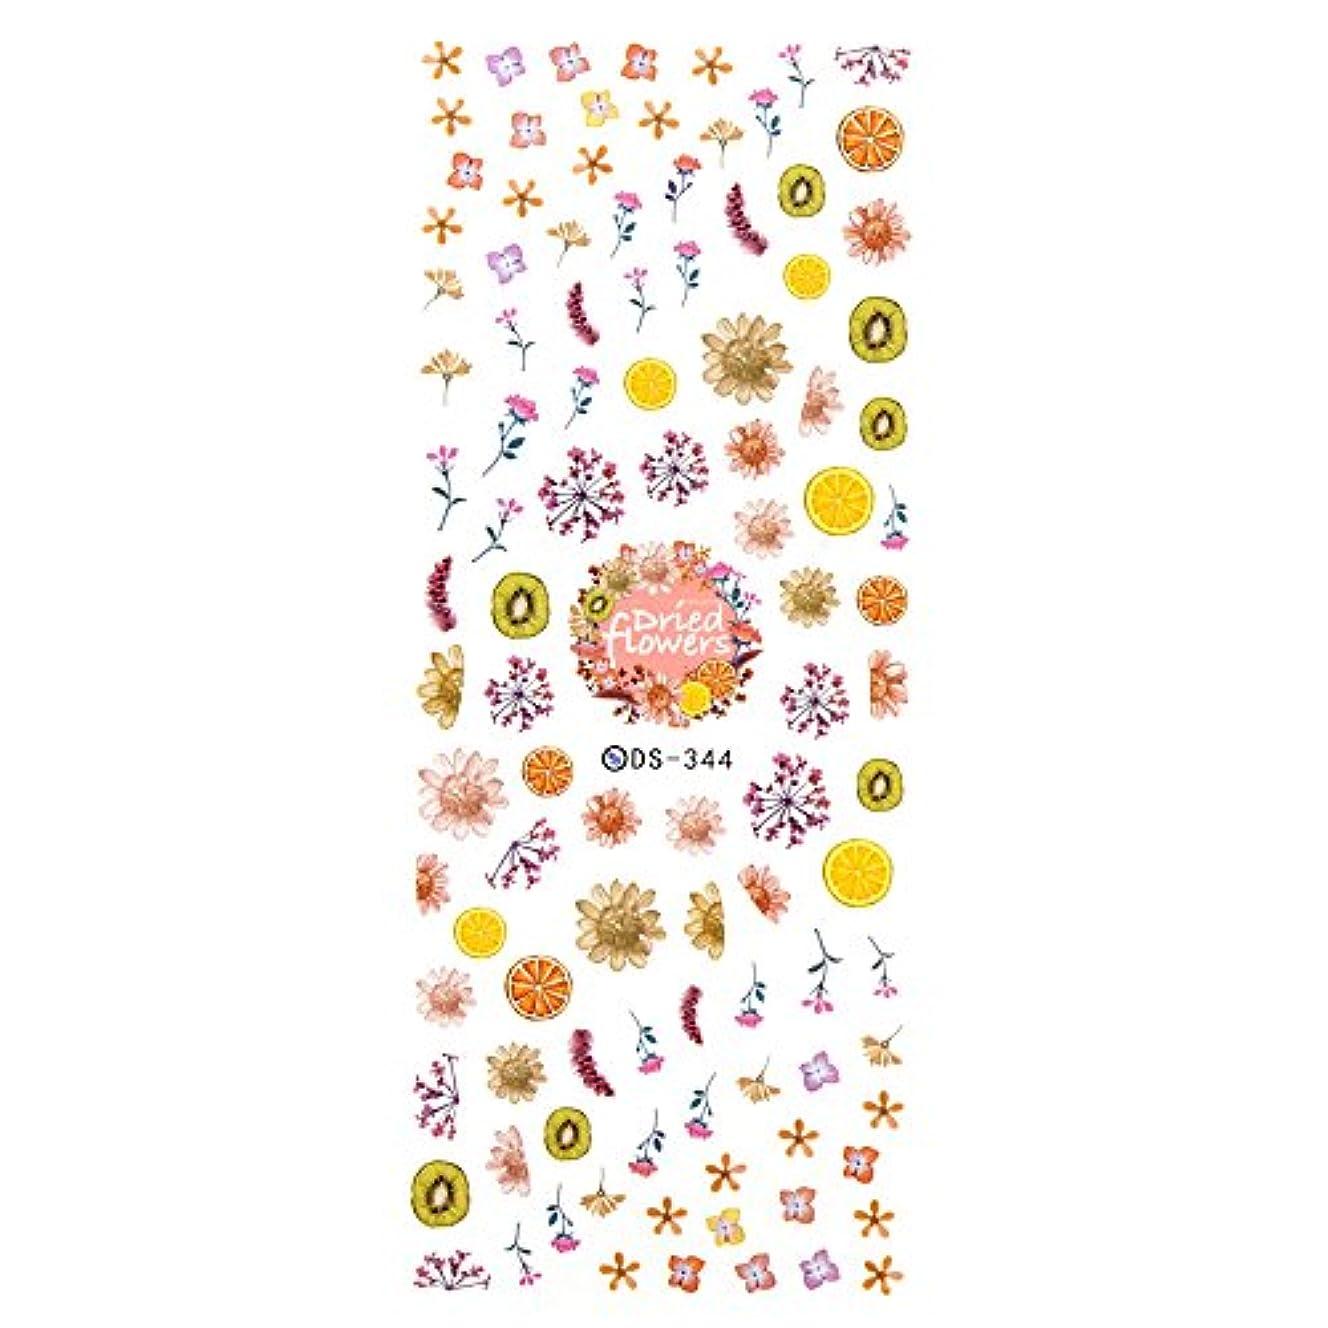 承知しました十分にほめる【DS-344ピンク】ドライフラワー&フルーツ柄ネイルシール